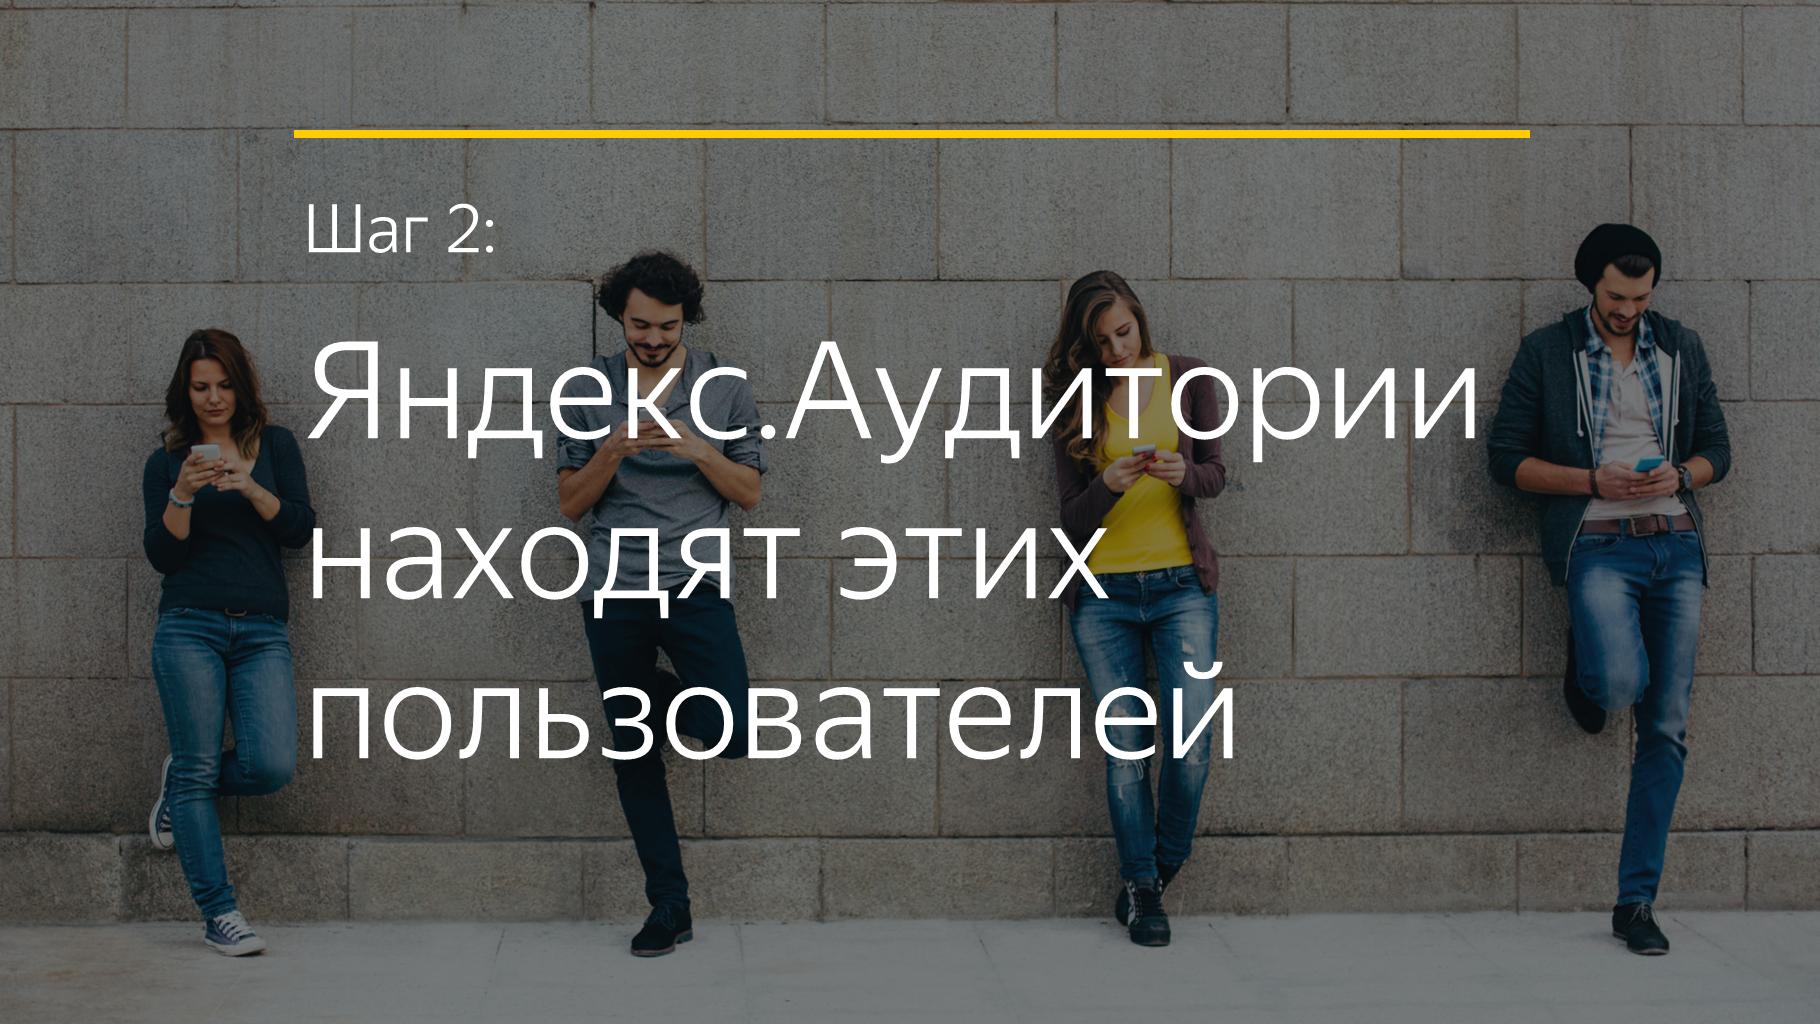 Шаг 2: Яндекс.Аудитории находят этих пользователей